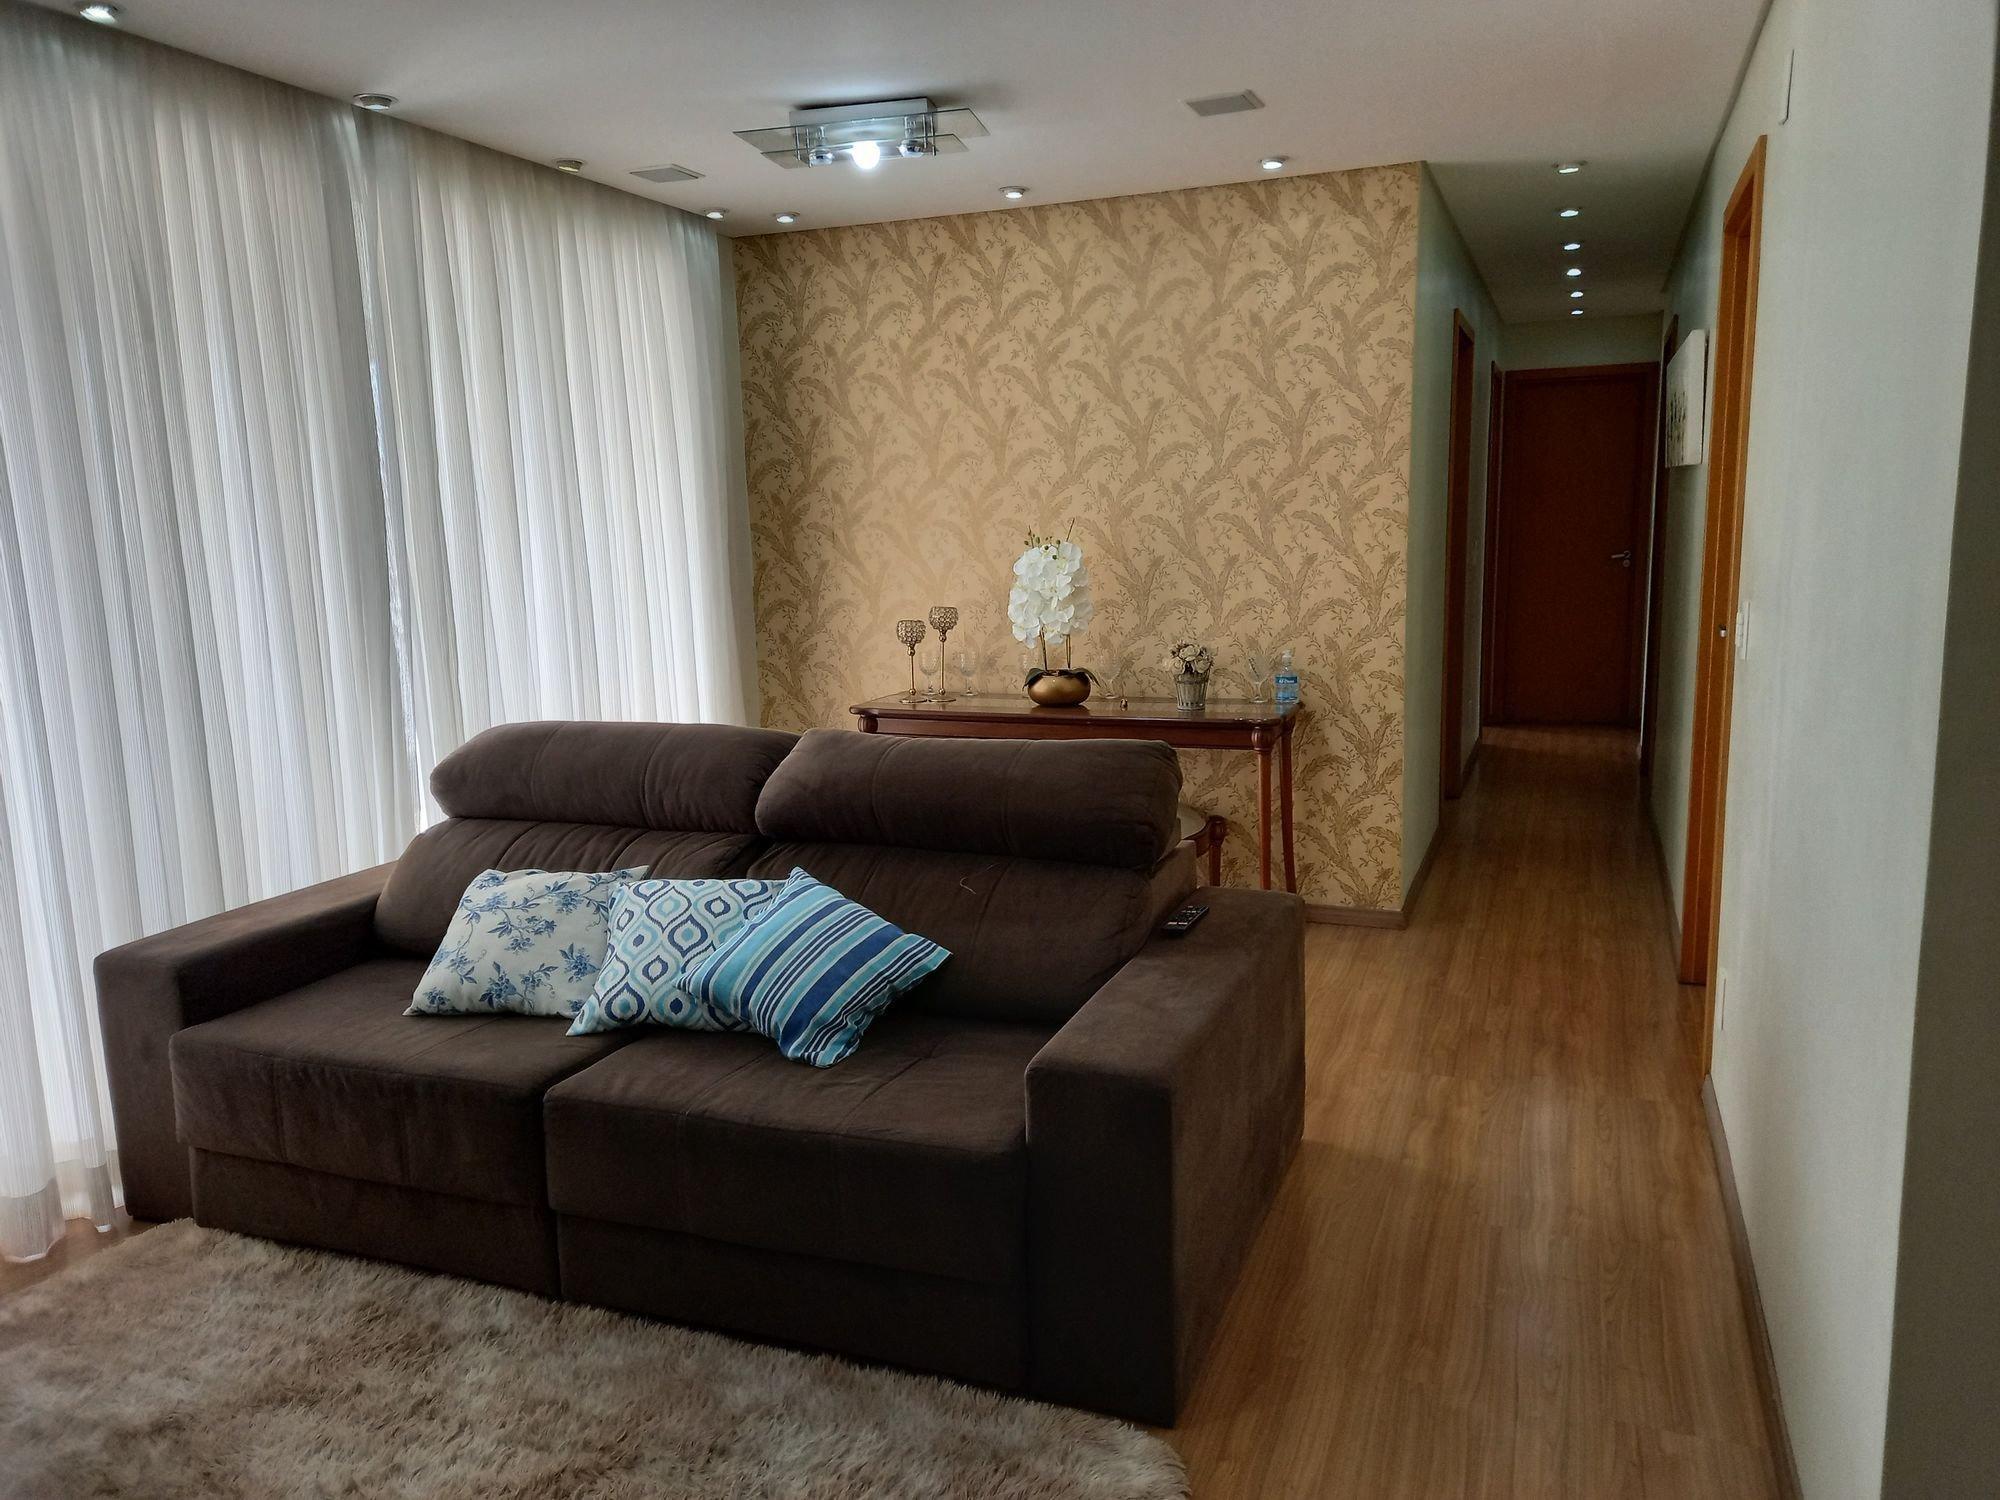 Foto de Sala com copo de vinho, sofá, garrafa